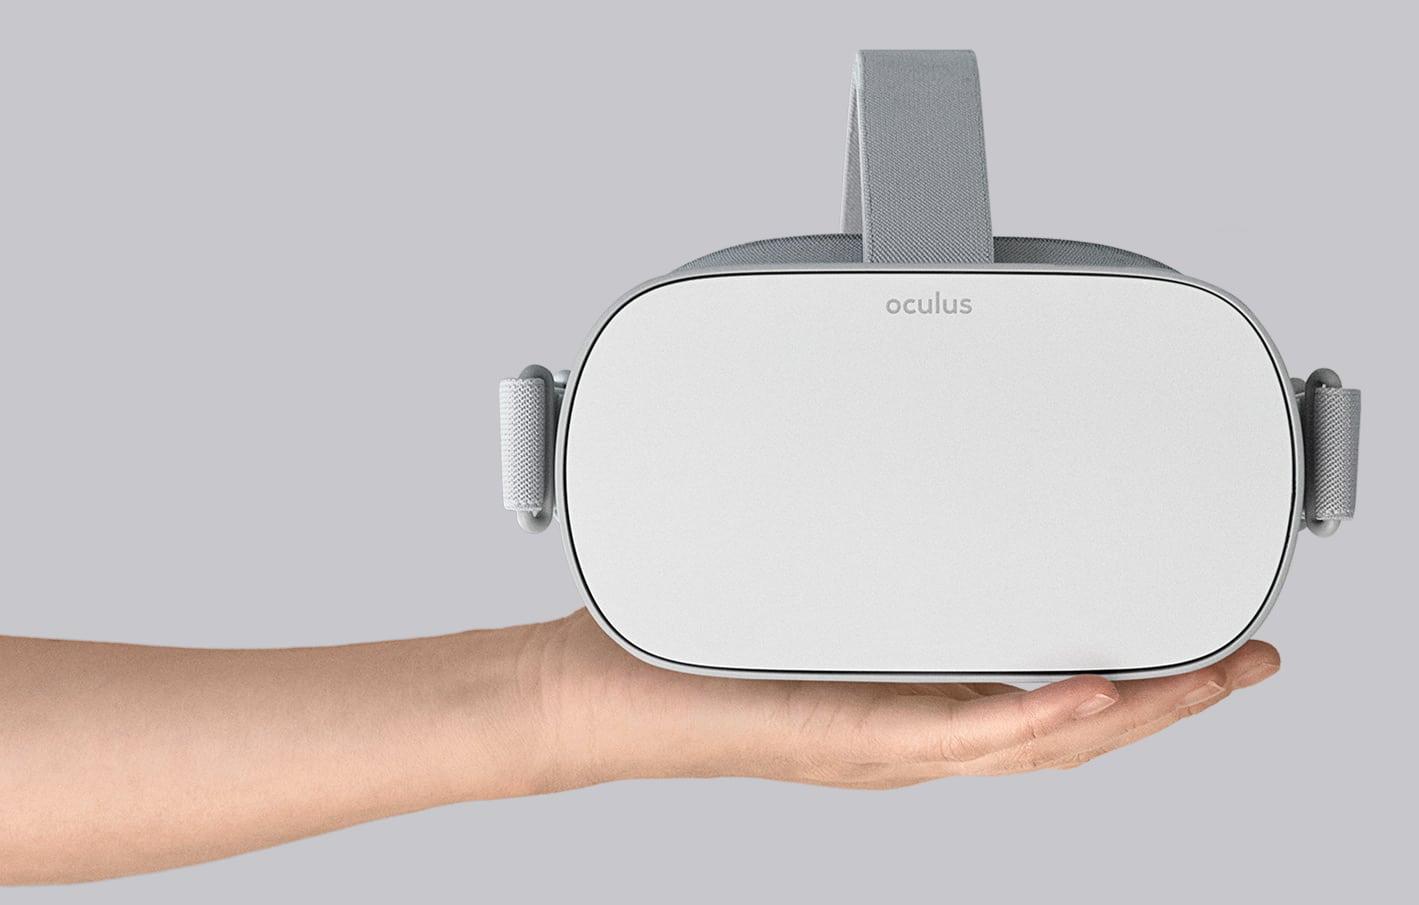 Oculus Go: Bringt die 200-Dollar-VR-Brille neuen Schwung?